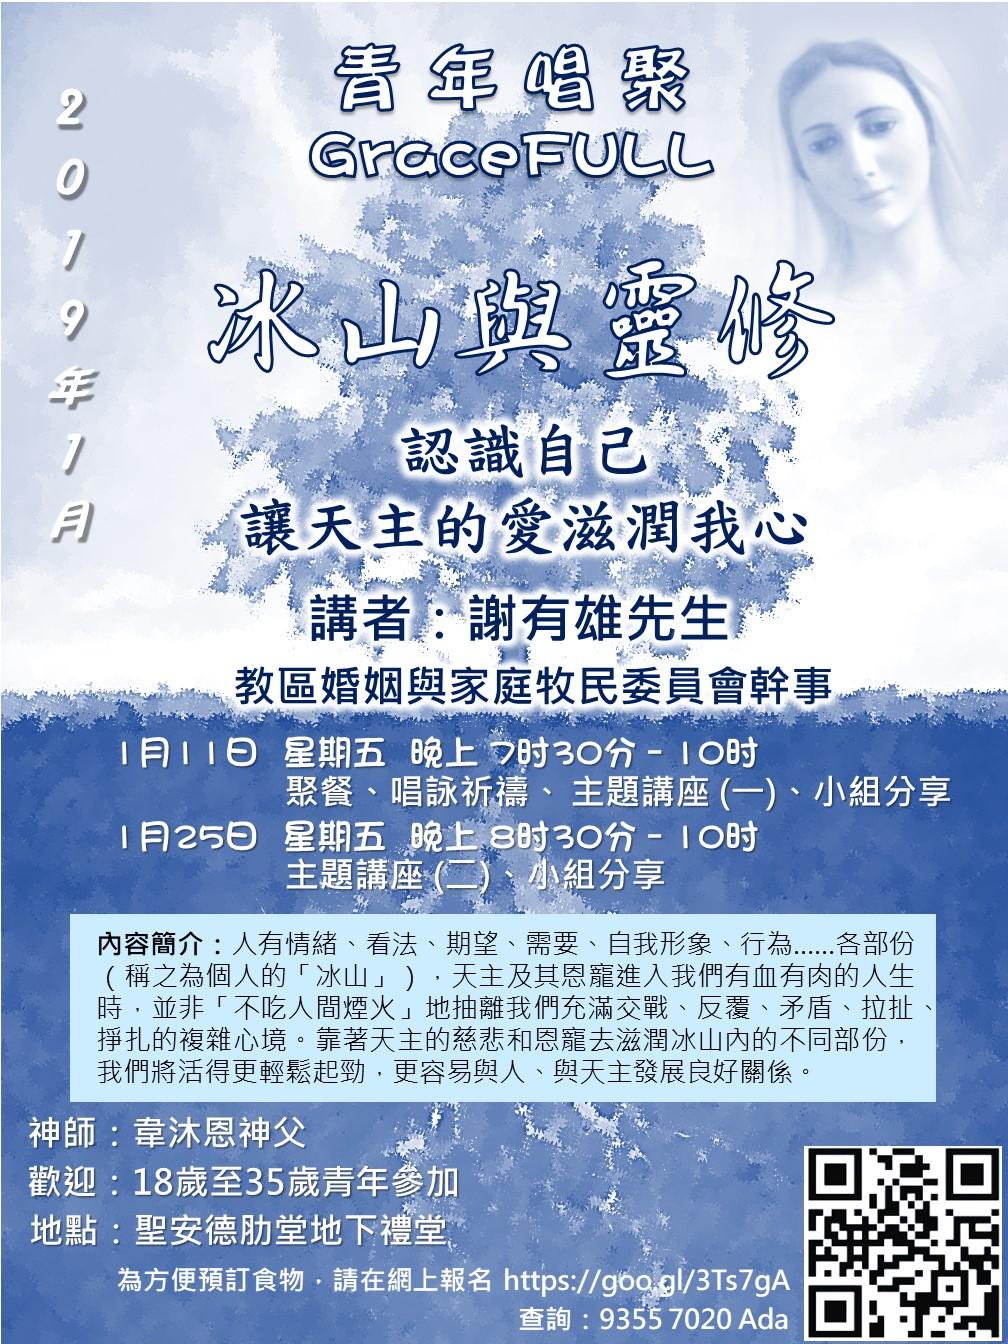 冰山與靈修(將軍澳Gracefull 青年唱聚)海報